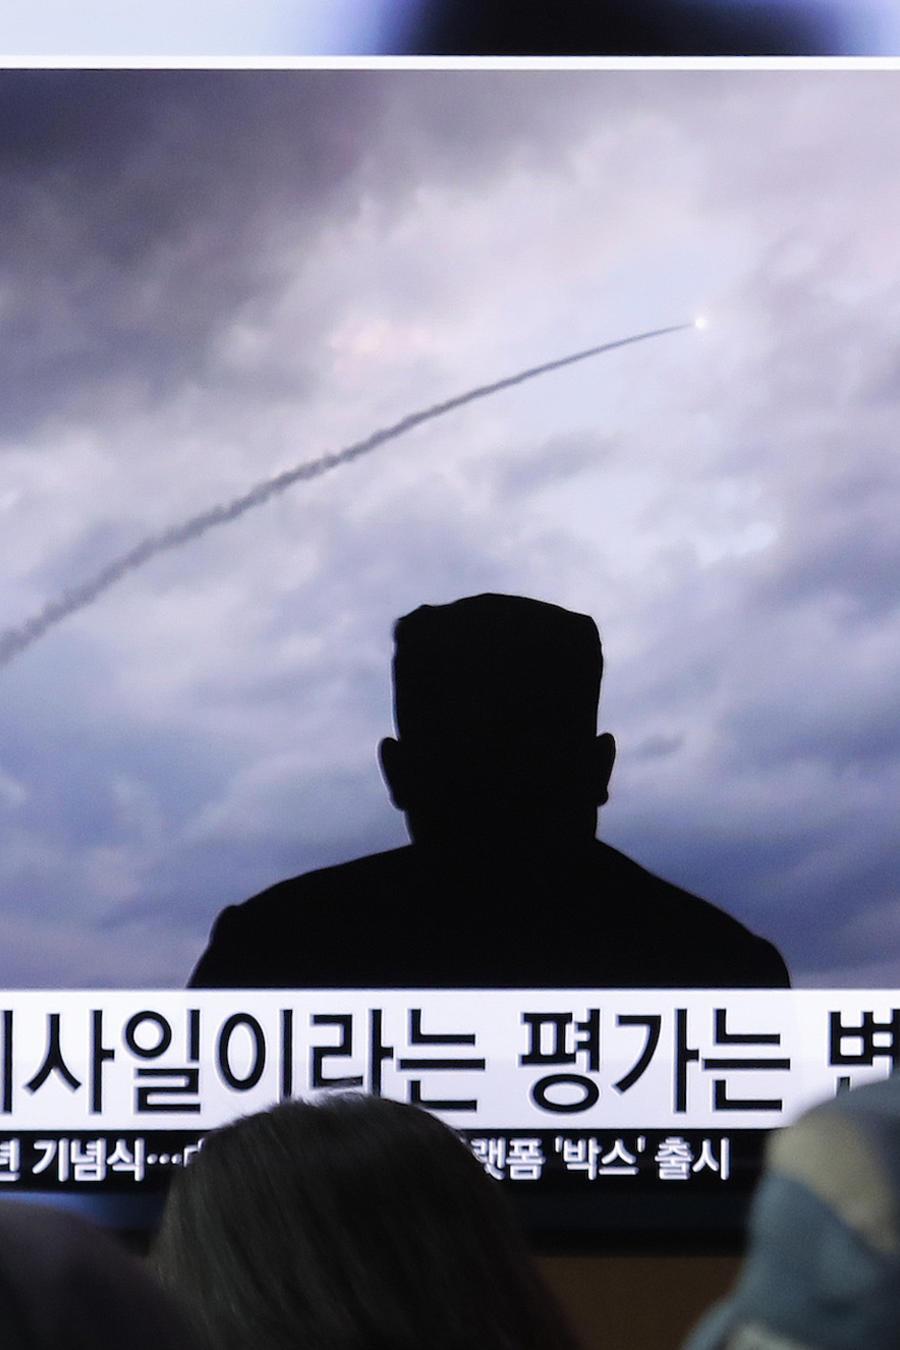 Imagen de la transmisión televisiva del lanzamiento de misiles en Corea del Norte el 1 de agosto de 2019.